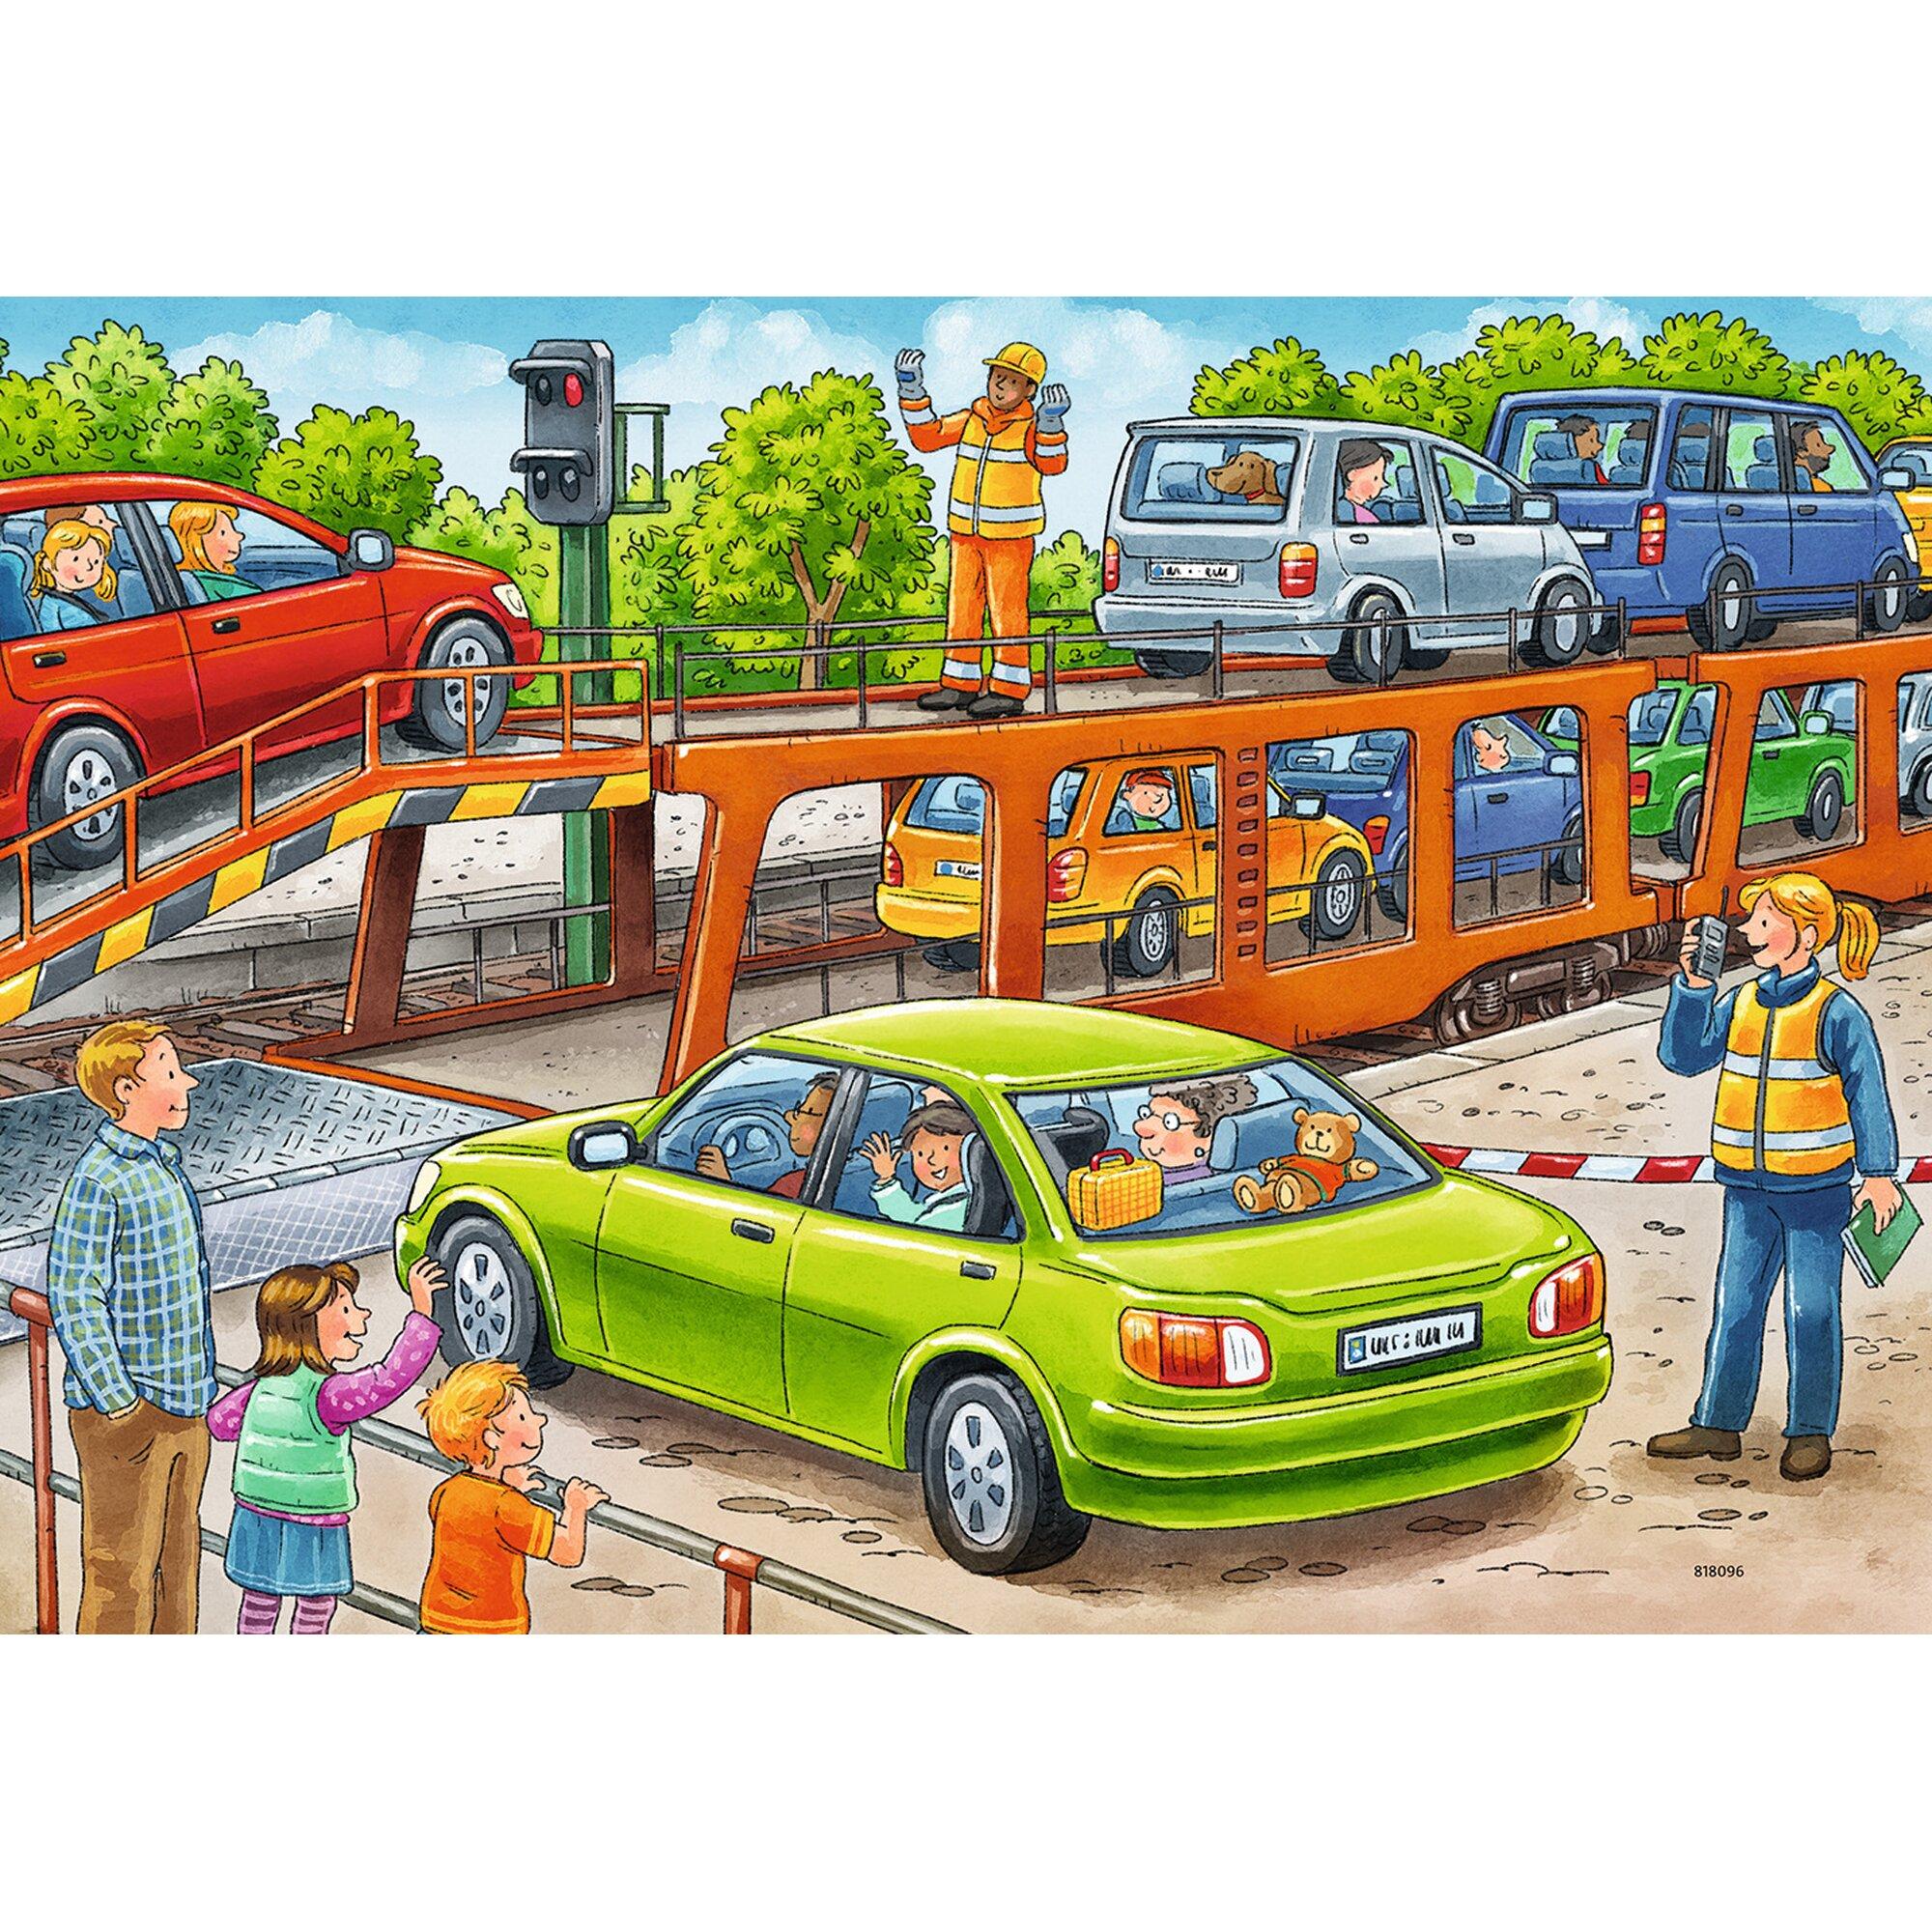 ravensburger-zwei-kinderpuzzles-inkl-mini-postern-bitte-einsteigen-